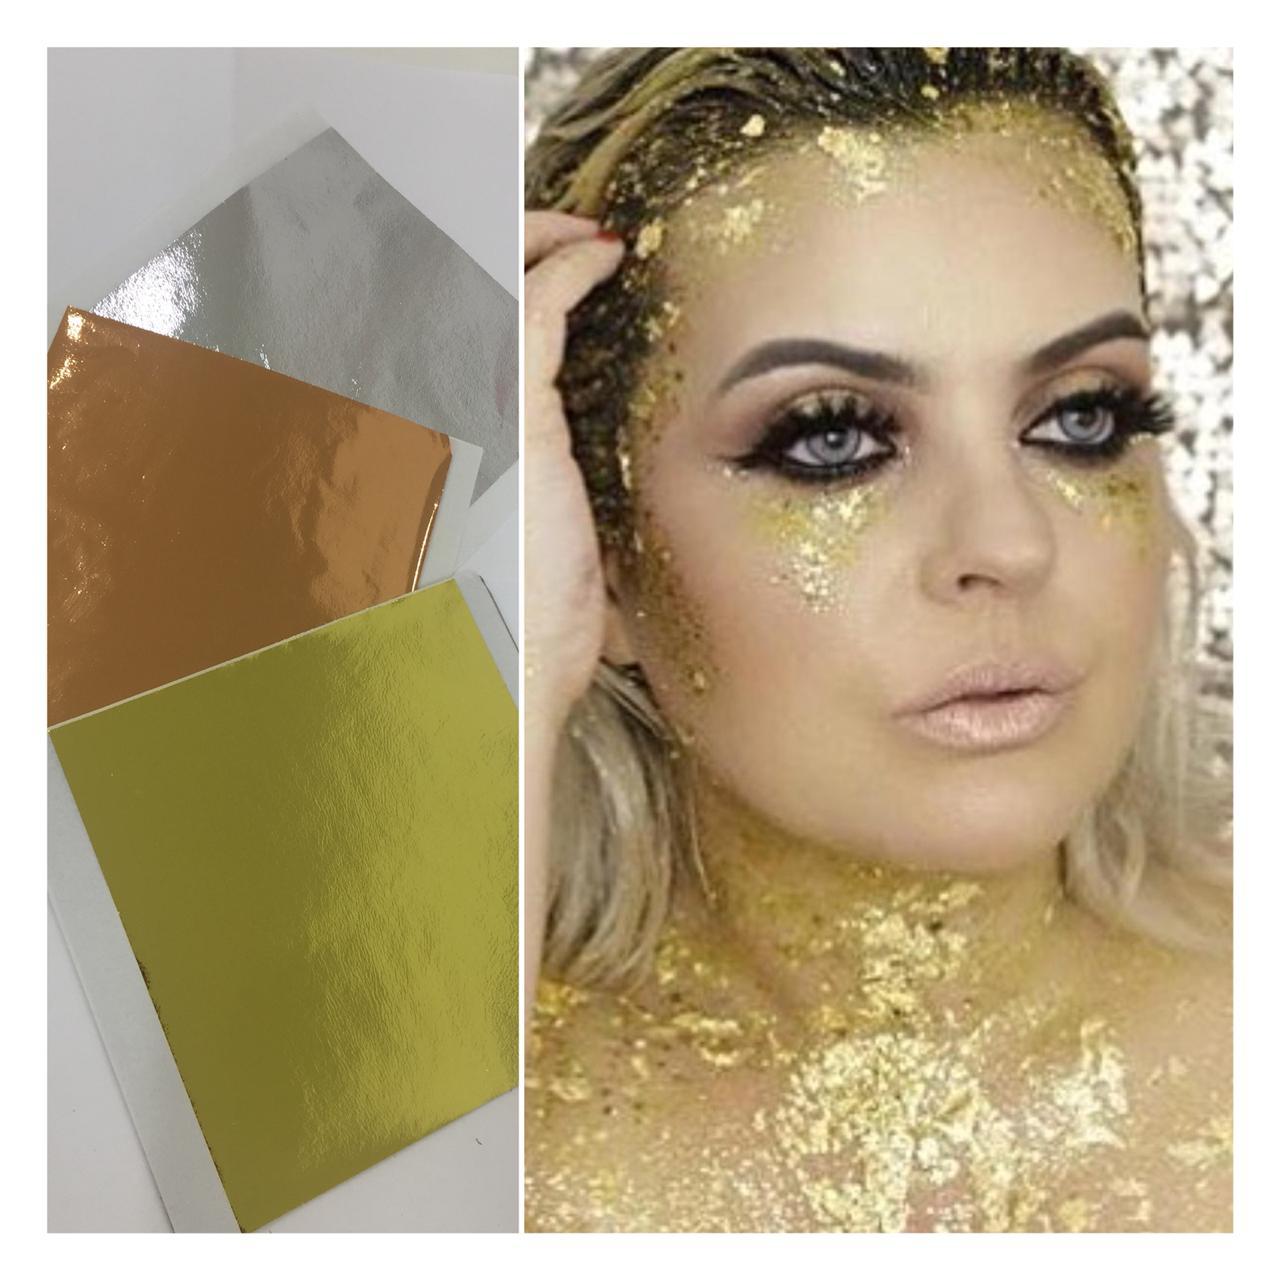 Folha Metalizada (folha de ouro) Pacote Com 10 Folhas 14x14 Cm